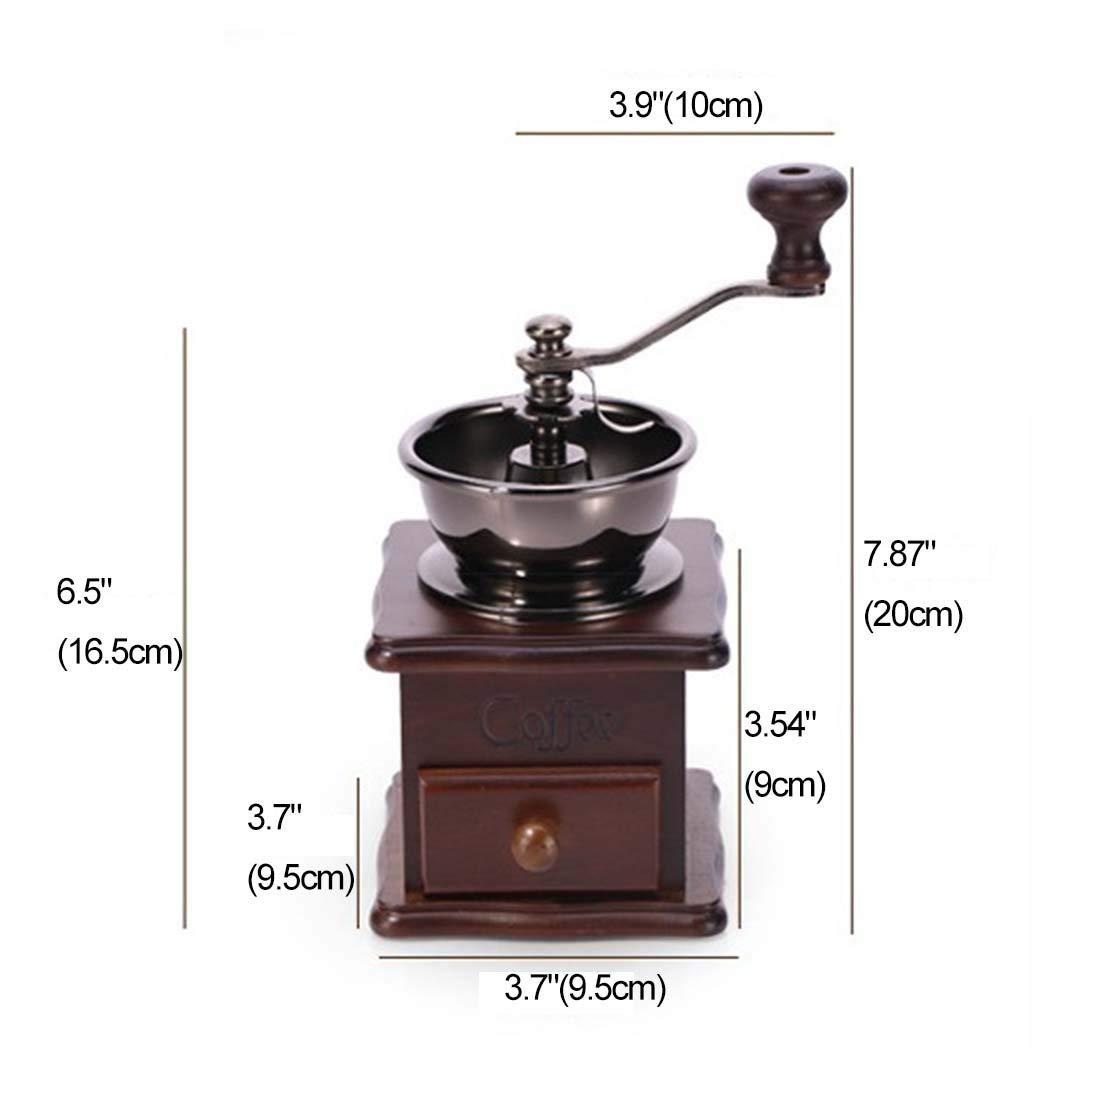 Vintage Style Manual Hand Grinder Coffee Grinder,Manual Coffee Grinder With Catch Drawer,Adjustable Grind